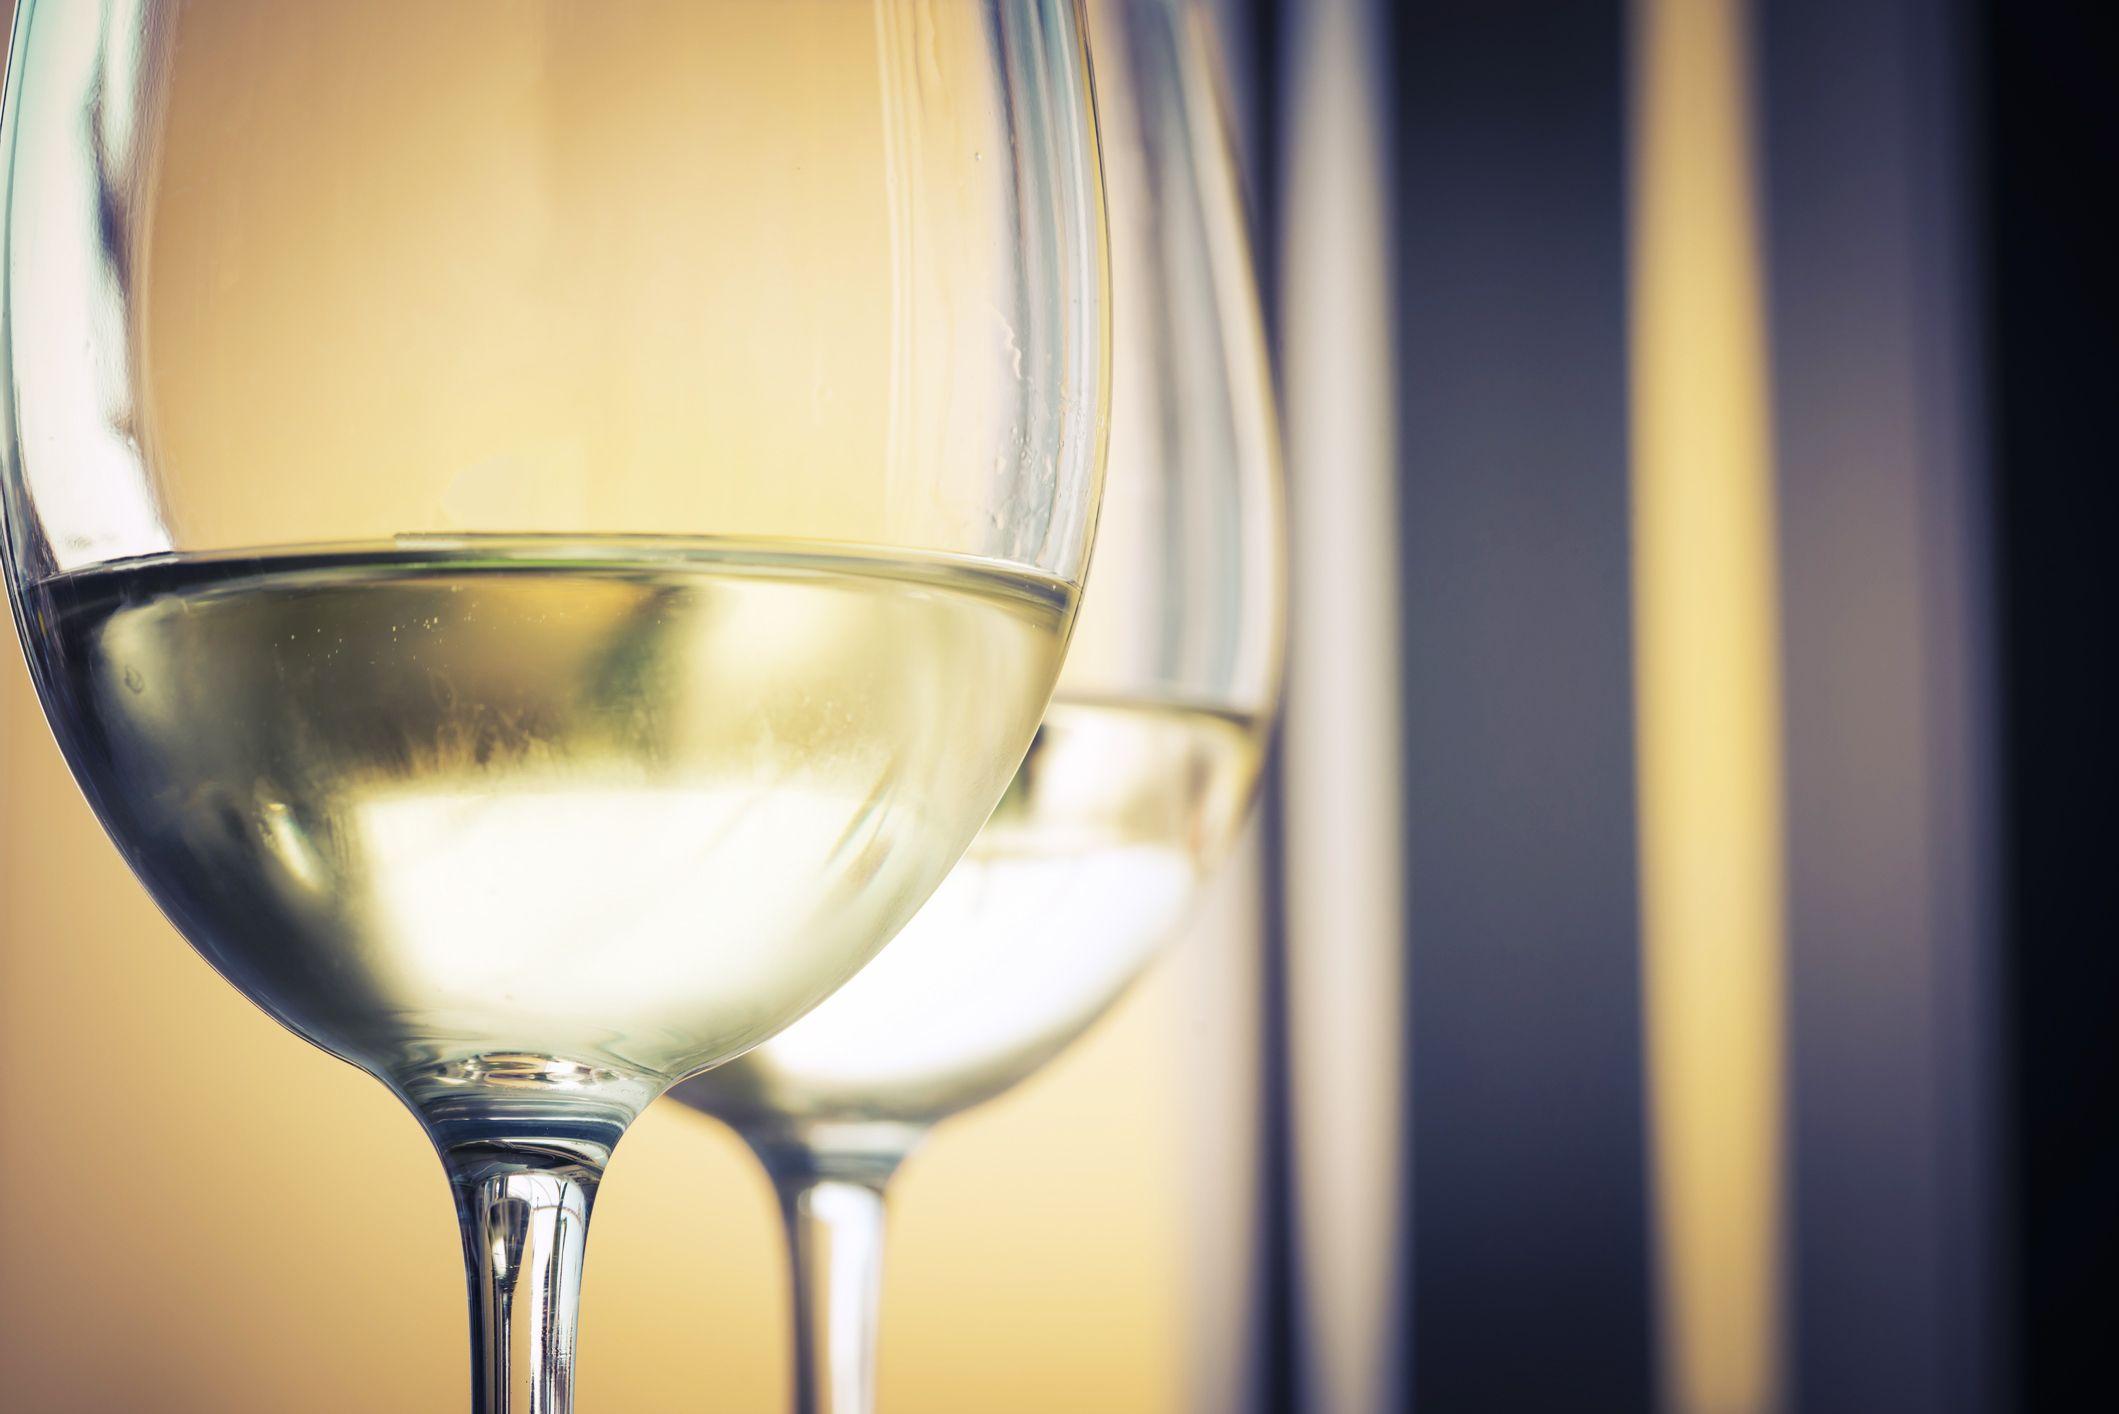 5 vini bianchi buonissimi sotto i 10 euro da comprare su Amazon